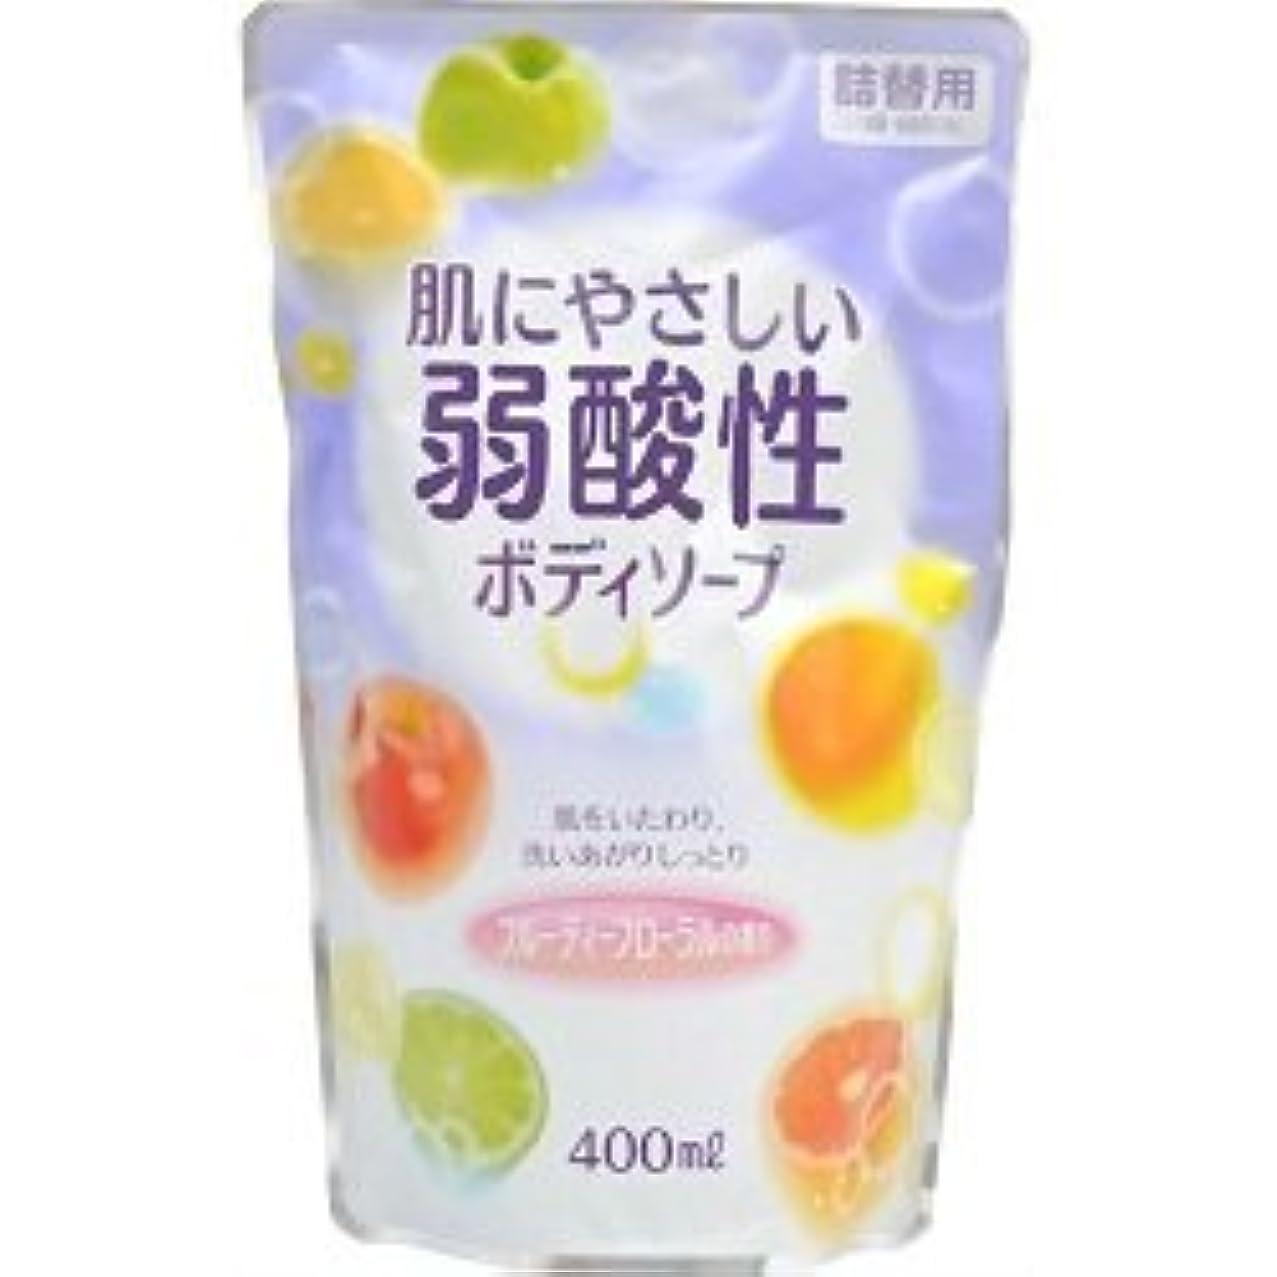 和胃自治的【エオリア】弱酸性ボディソープ フルーティフローラルの香り 詰替用 400ml ×5個セット